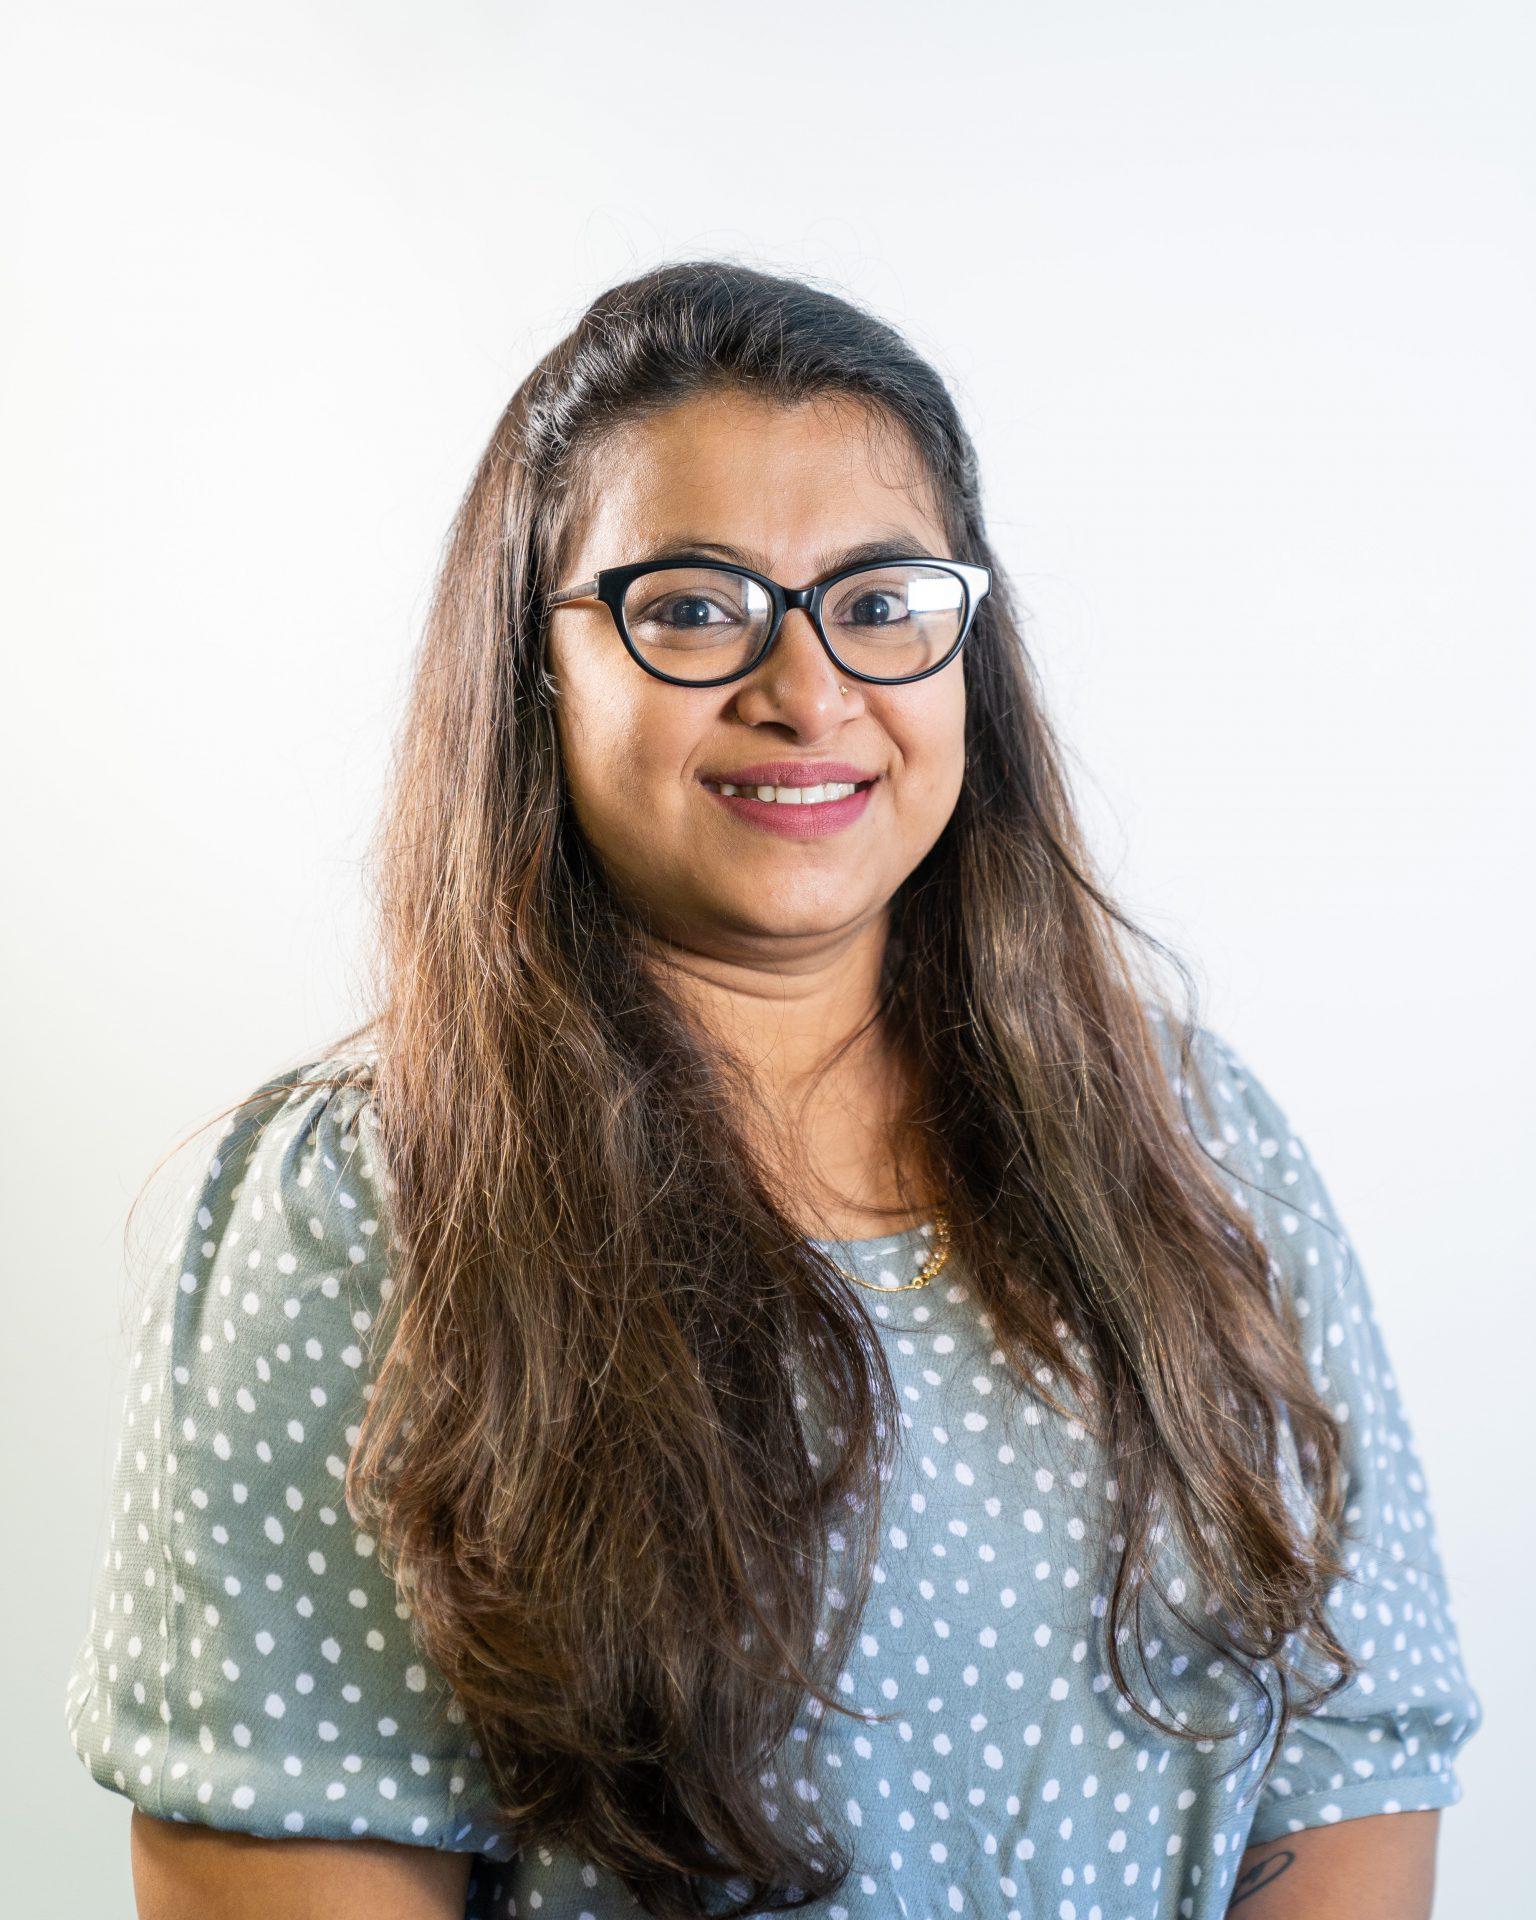 Rashmi Chandrashekar